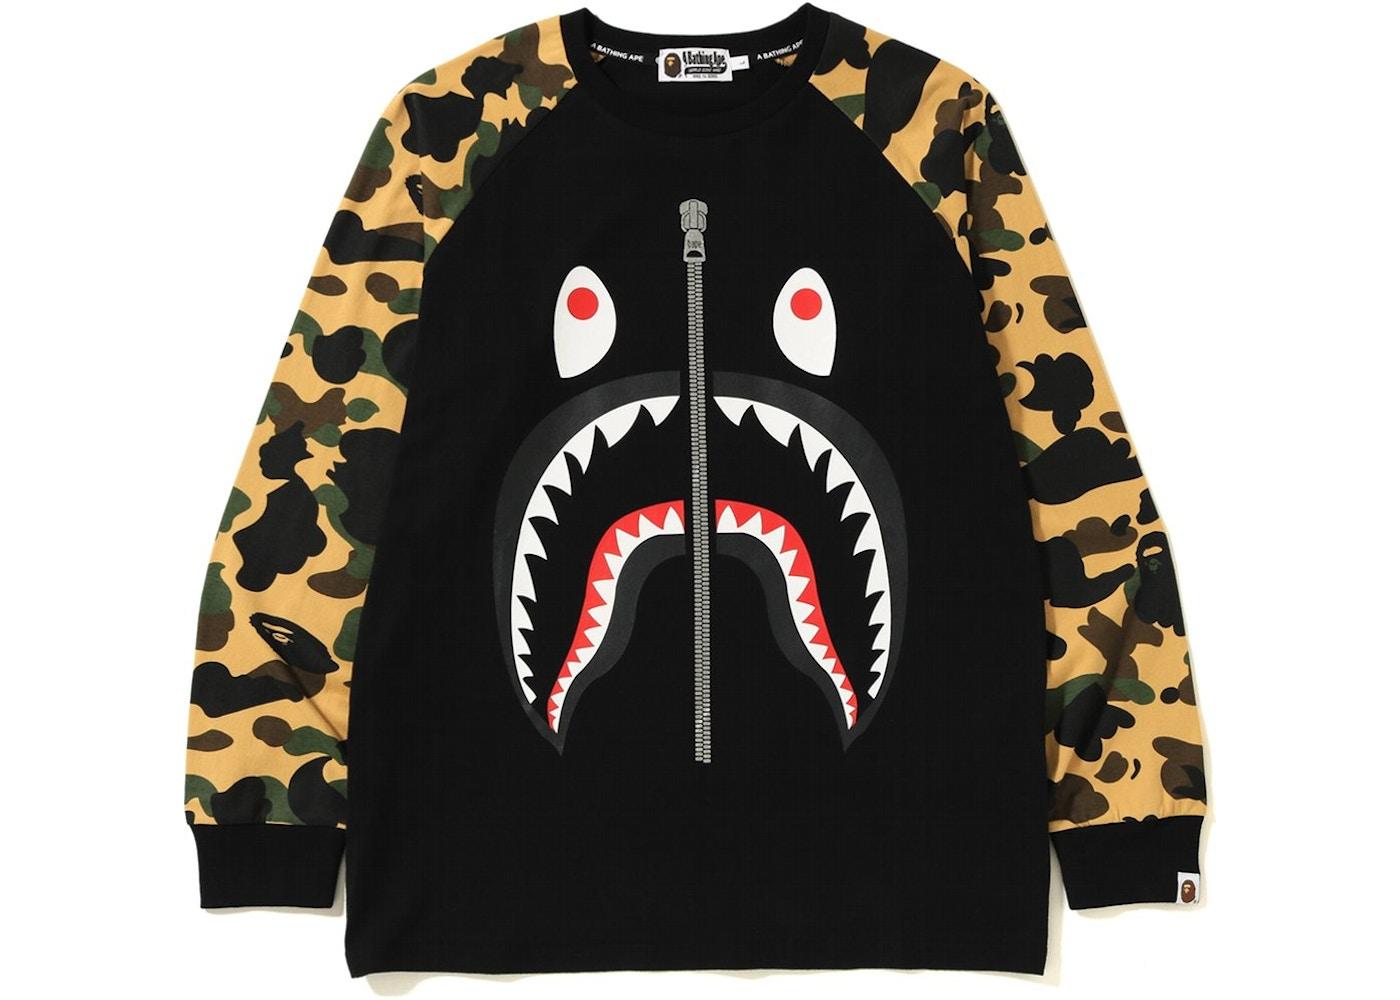 3046a9a35 BAPE 1st Camo Shark LS Tee Black/Yellow - FW18